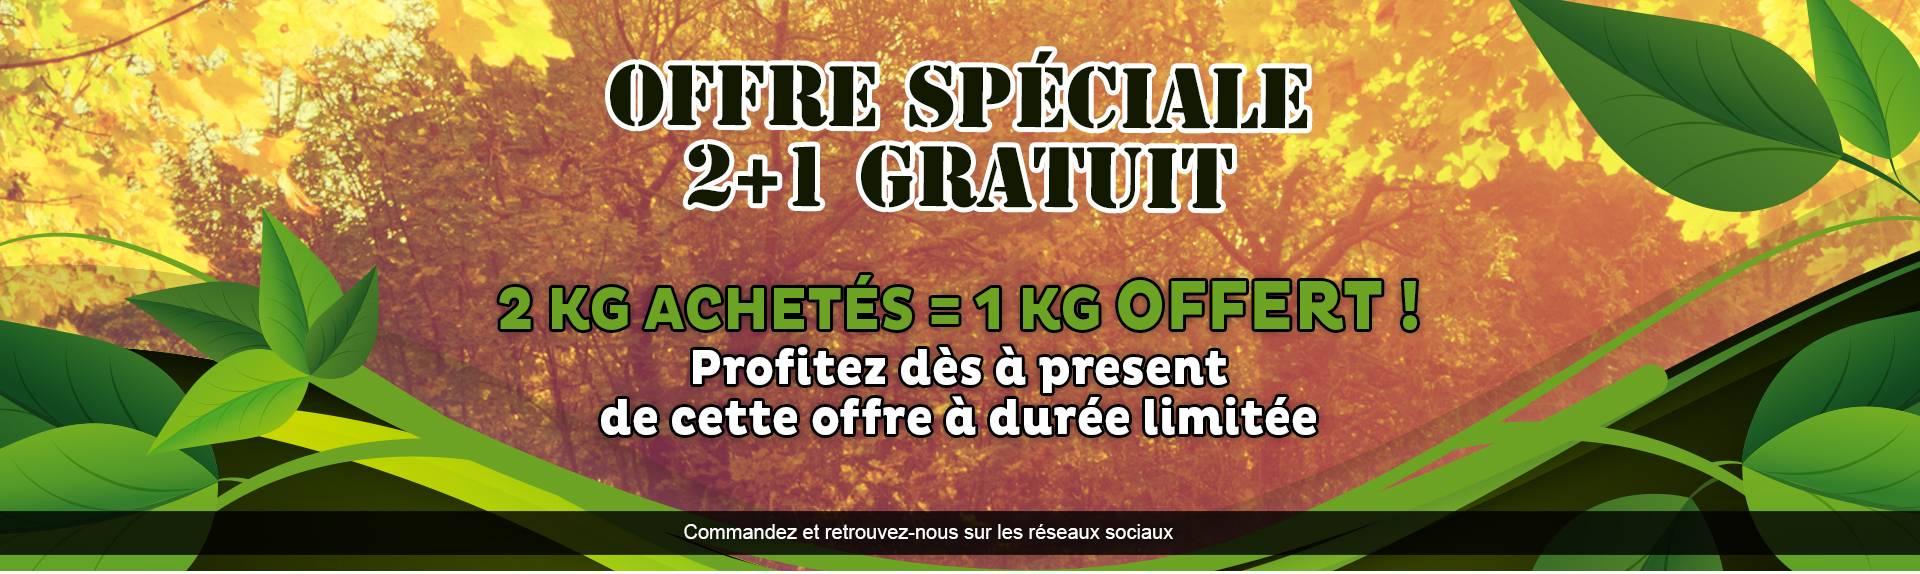 Offre spéciale 2 achetés = 1 gratuit